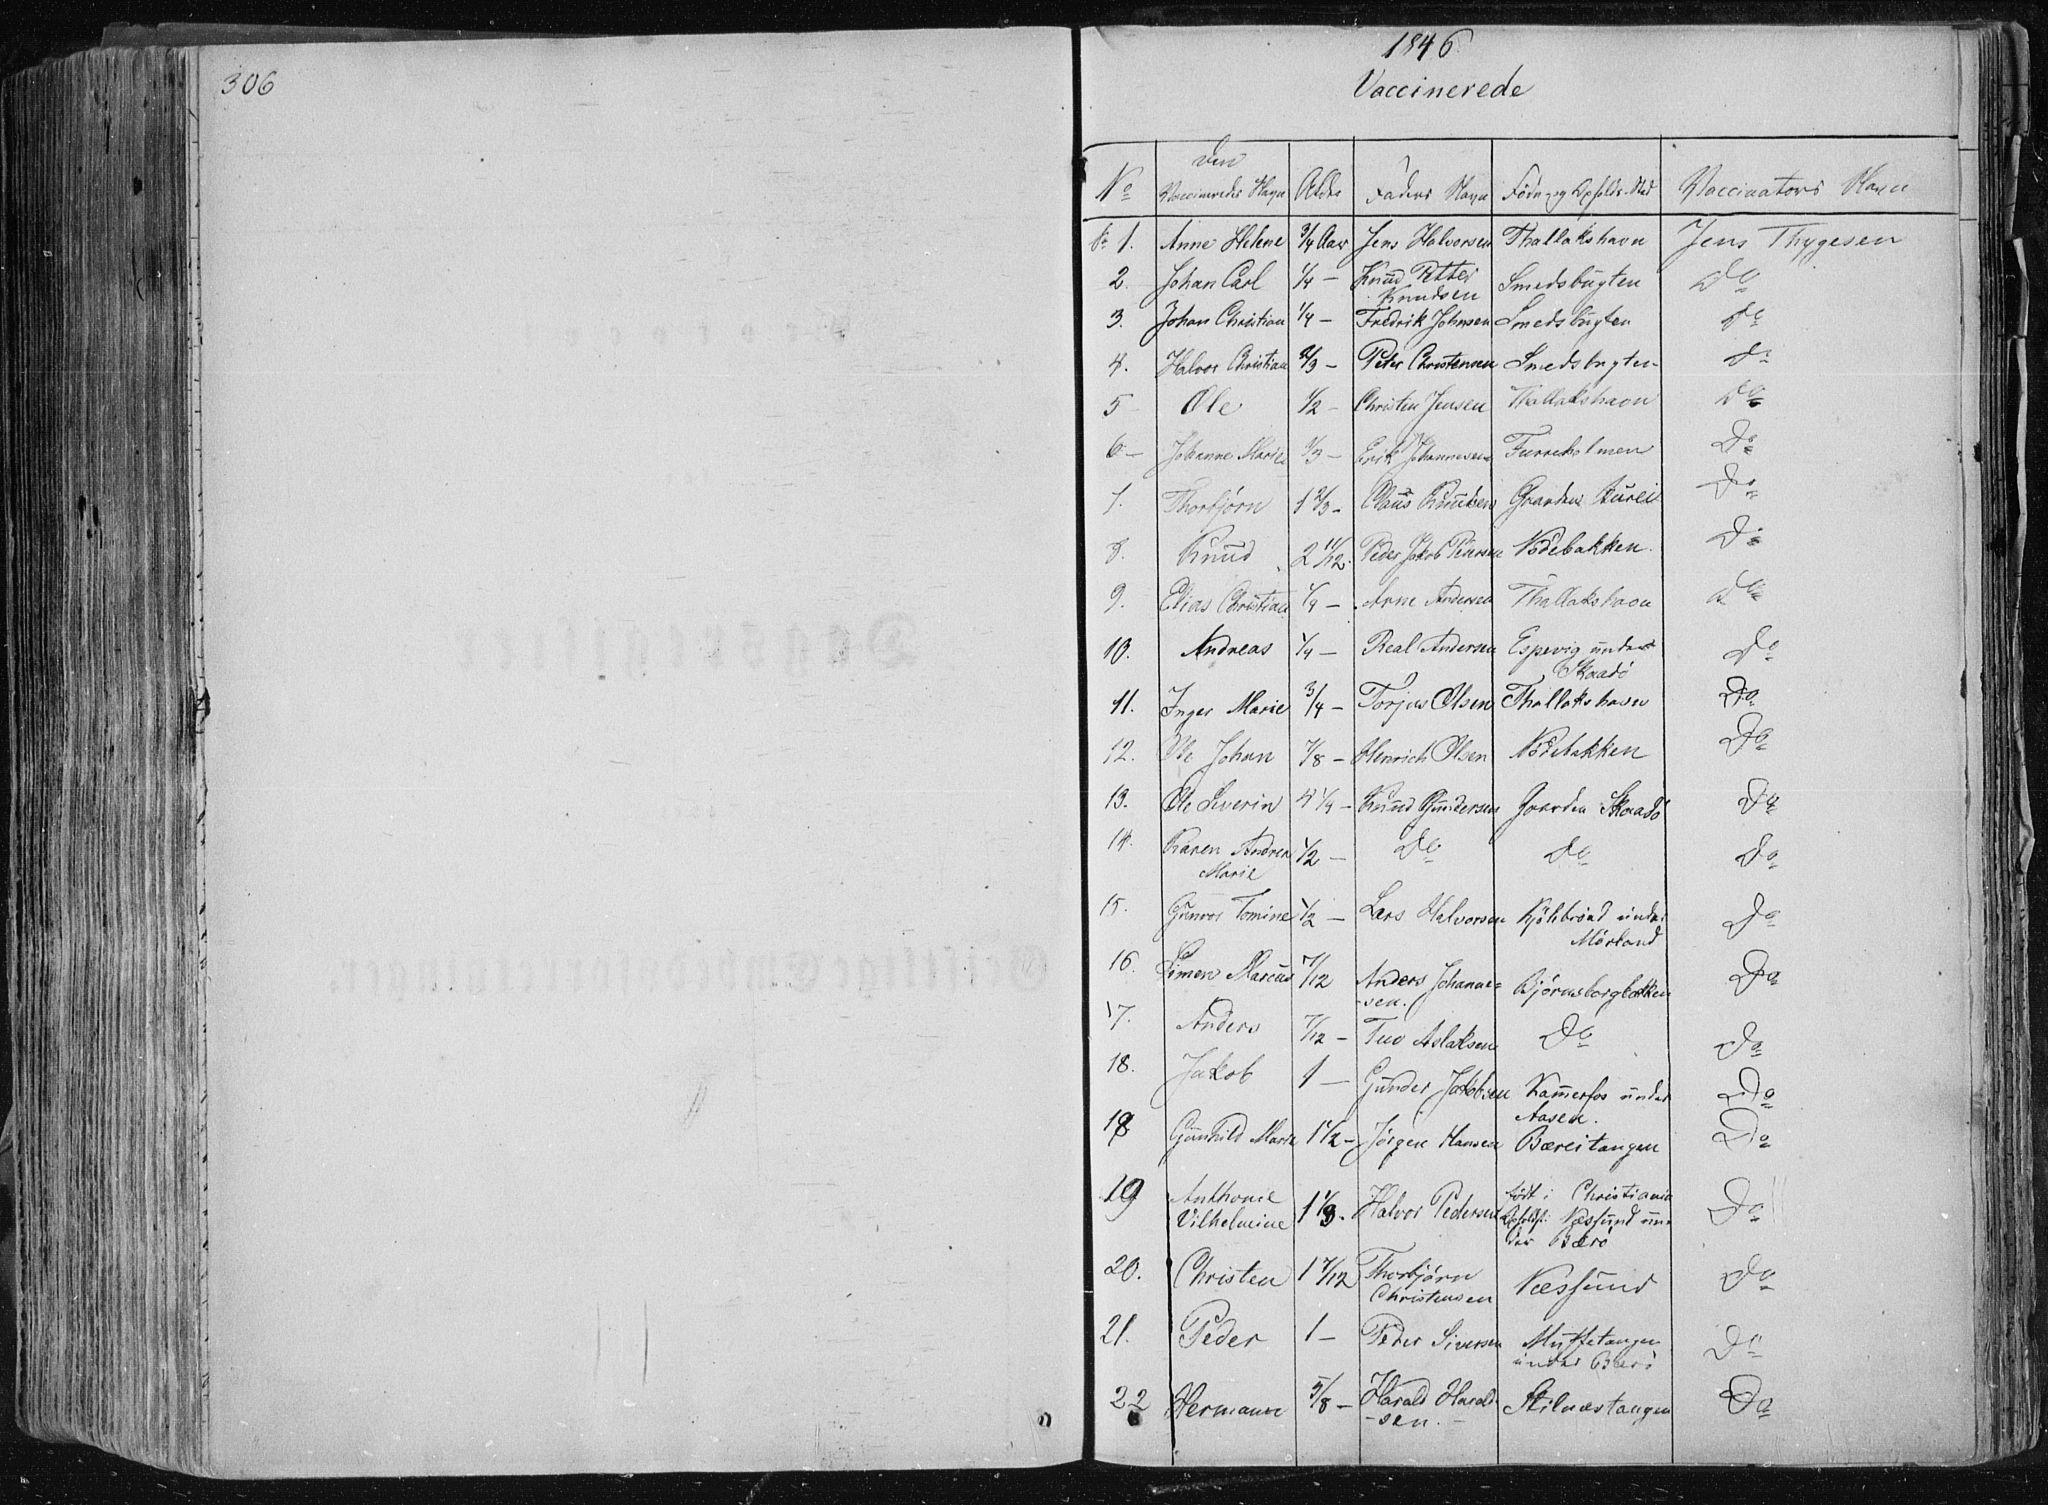 SAKO, Sannidal kirkebøker, F/Fa/L0007: Ministerialbok nr. 7, 1831-1854, s. 306